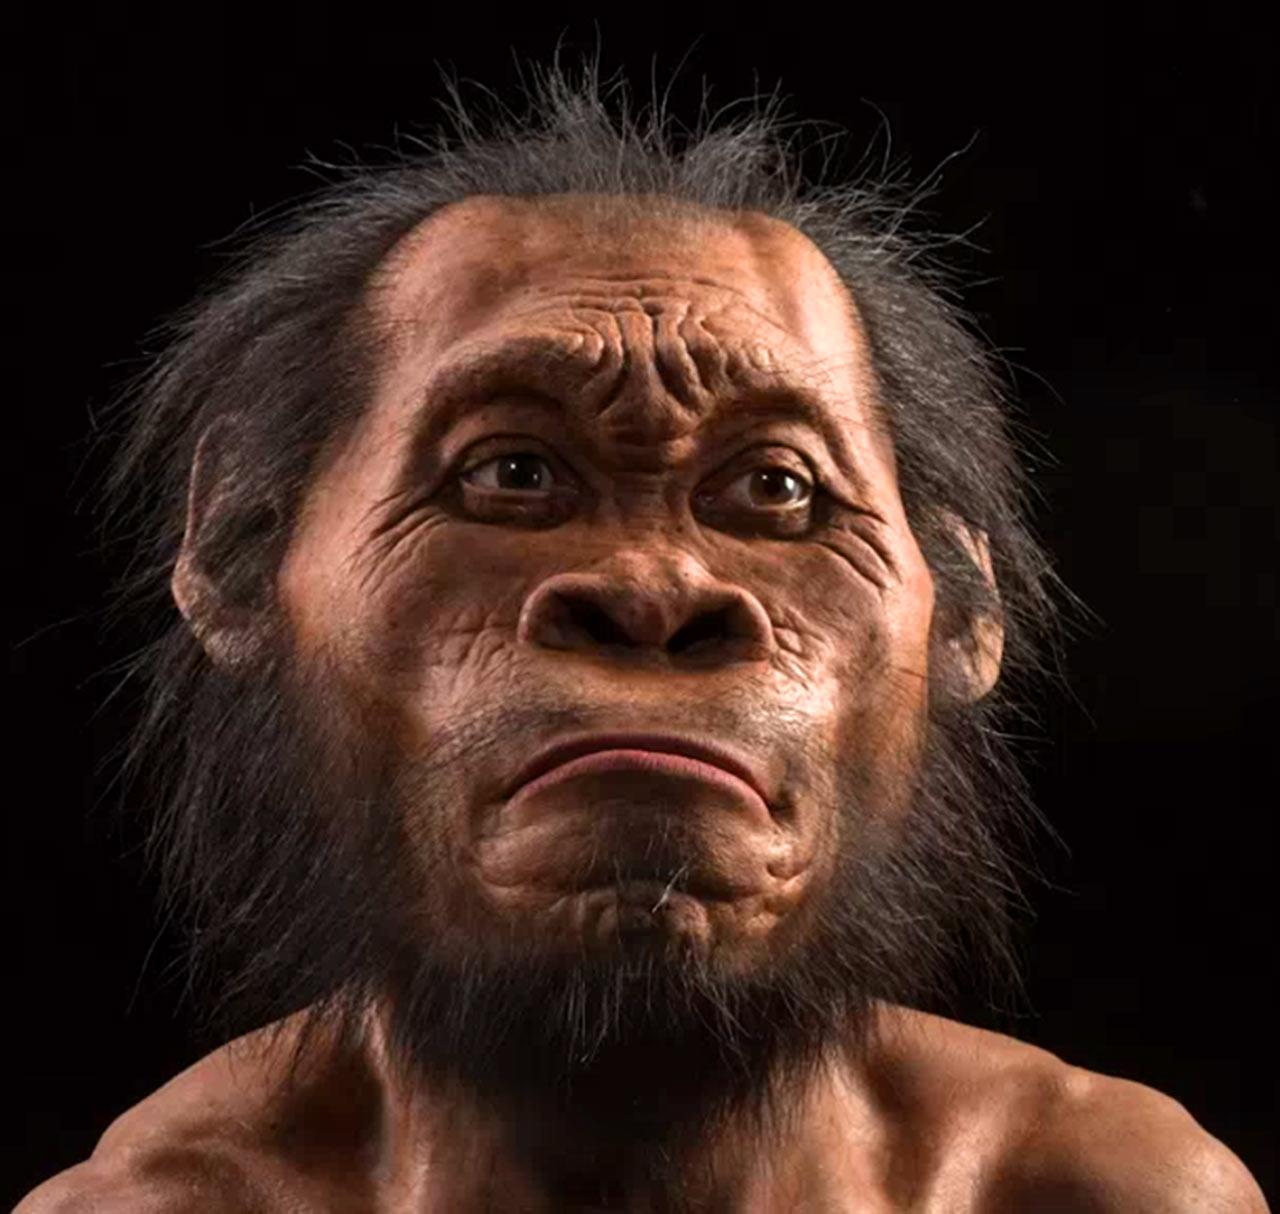 南非纳勒迪人化石引发进一步讨论:使用工具和树栖可能性并存